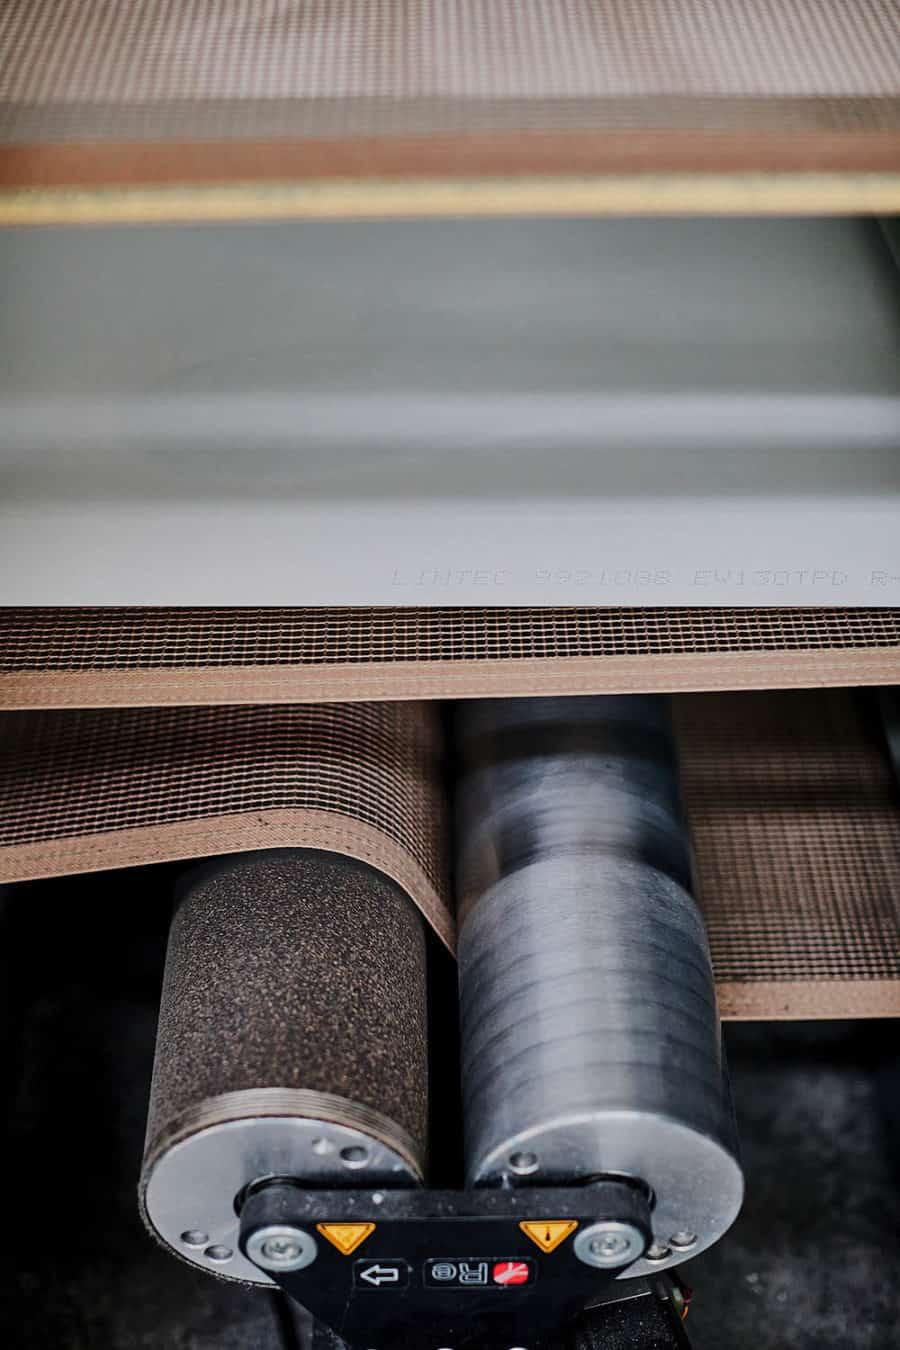 fotografo macchine industriali impianti lavorazione pelle sintex